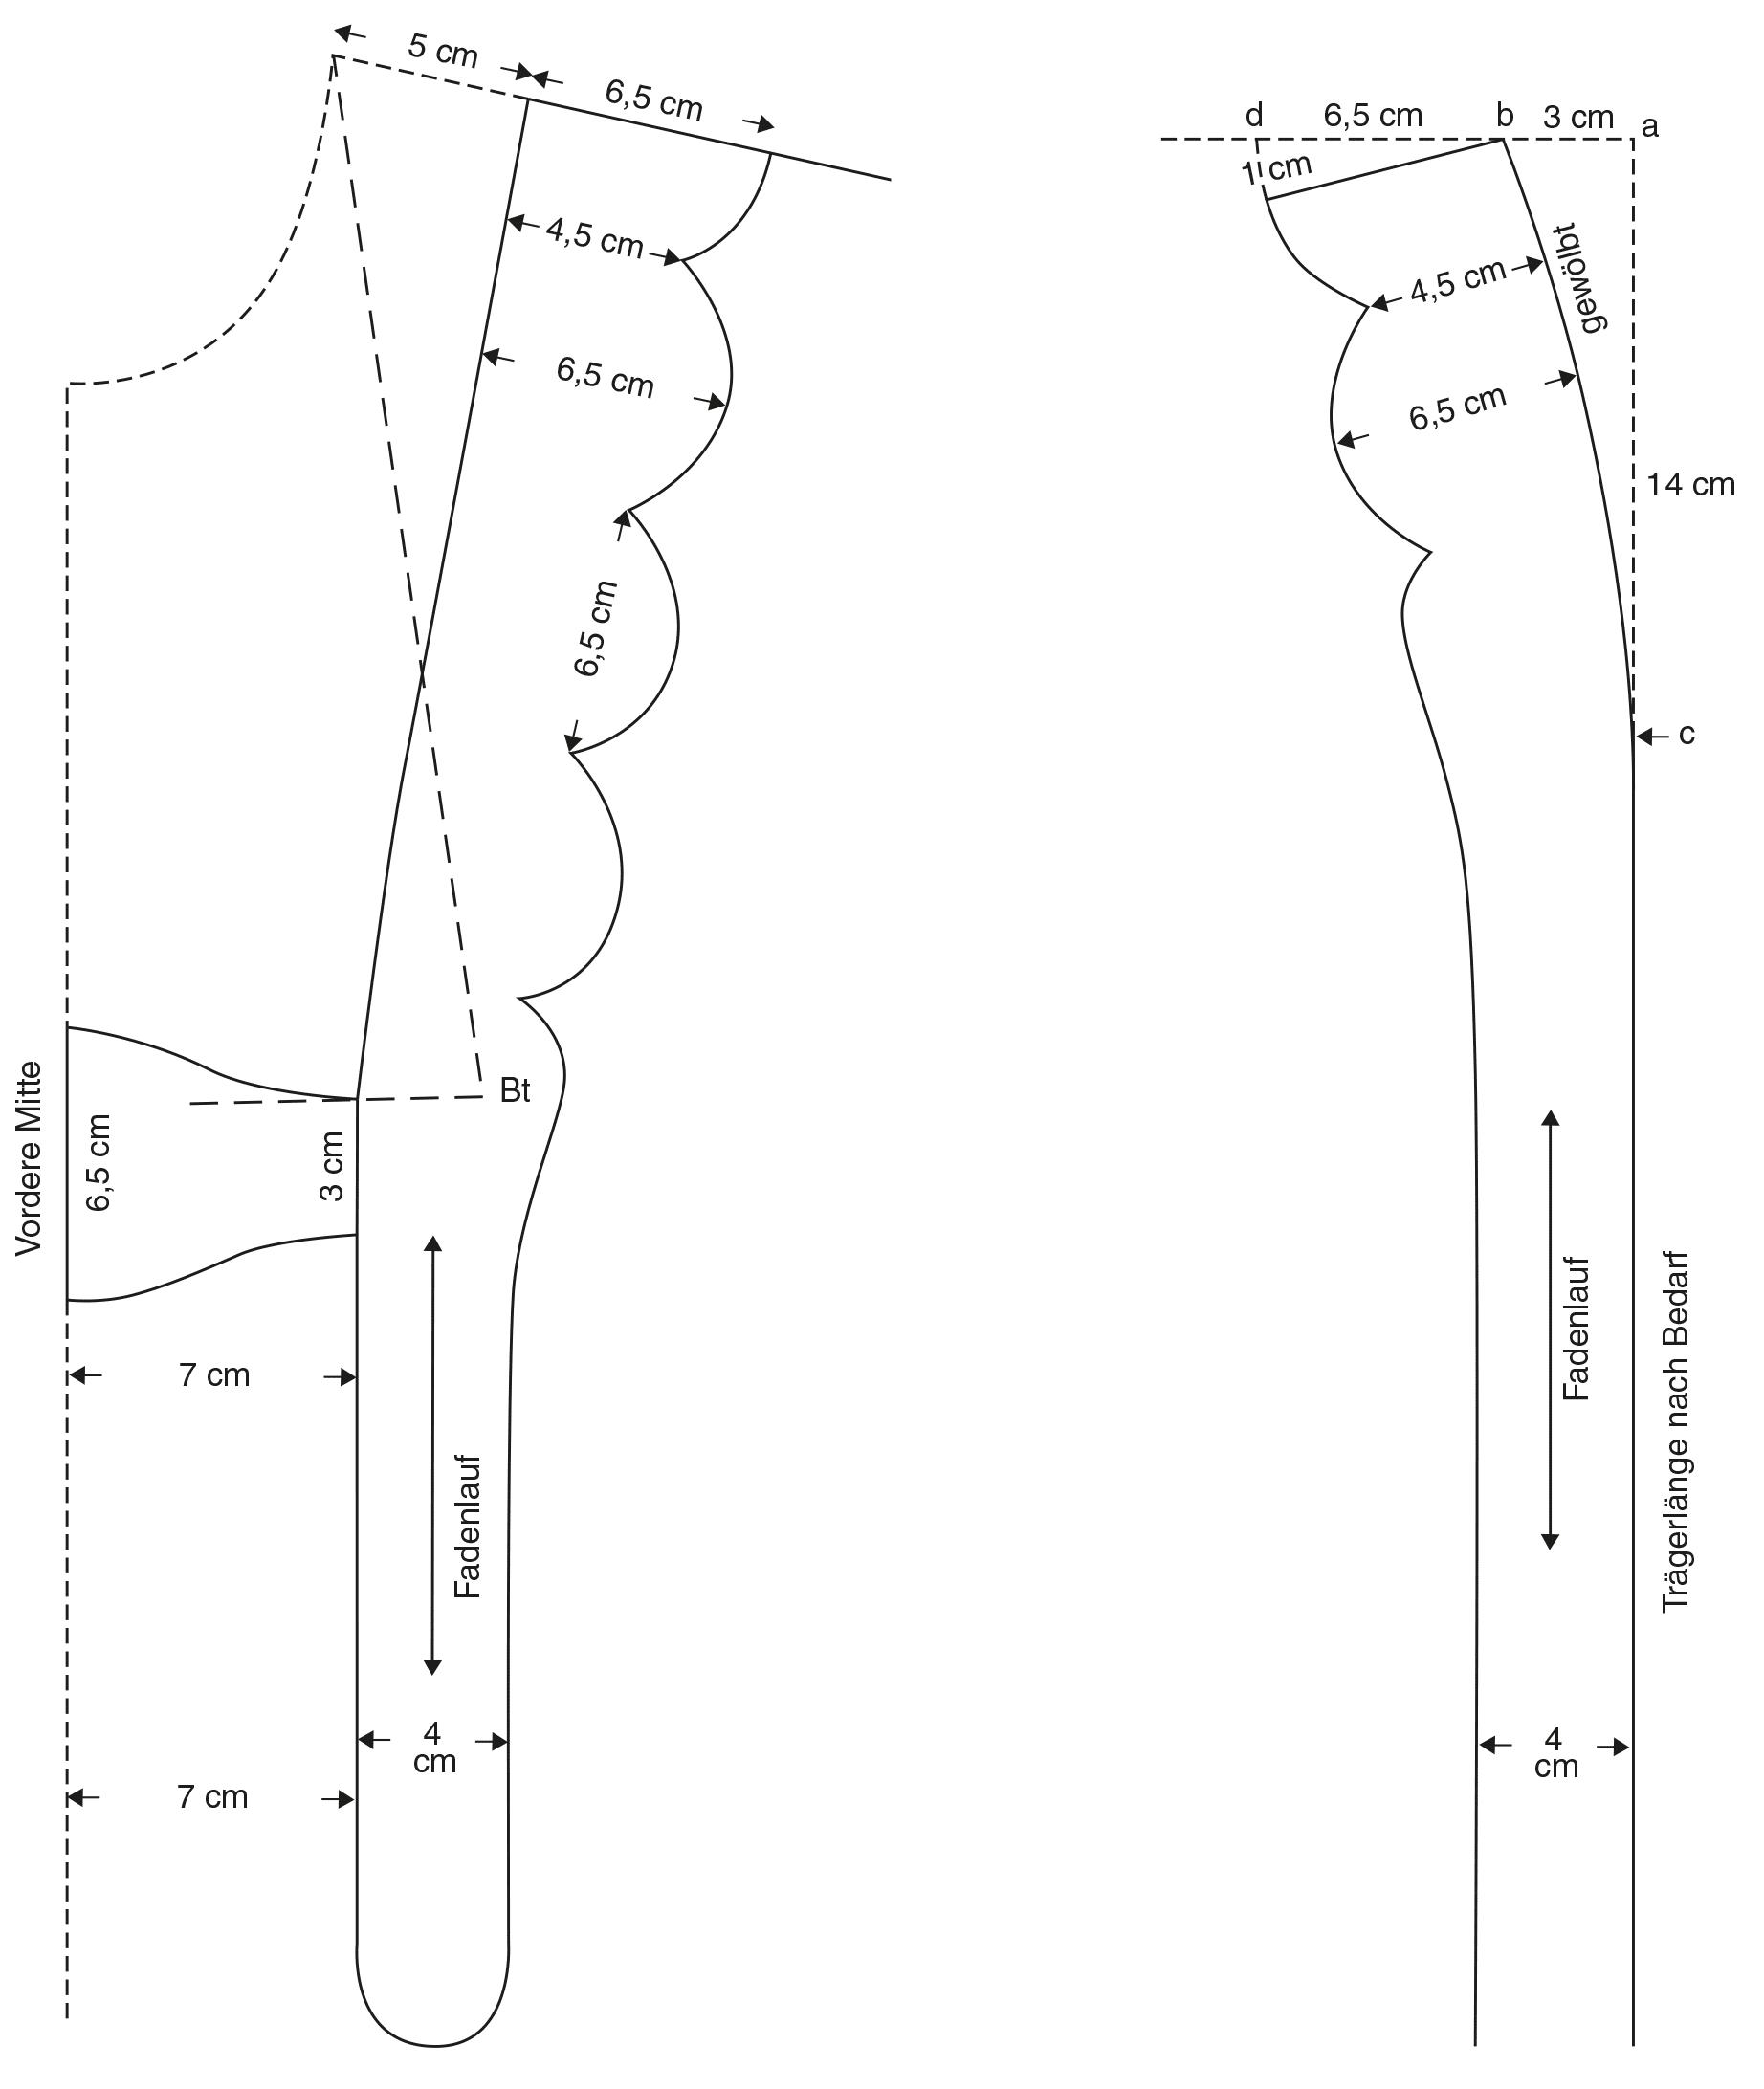 Abgebildet ist die Schnitt-Technik eines Hosenträgers mit Bogenkante.